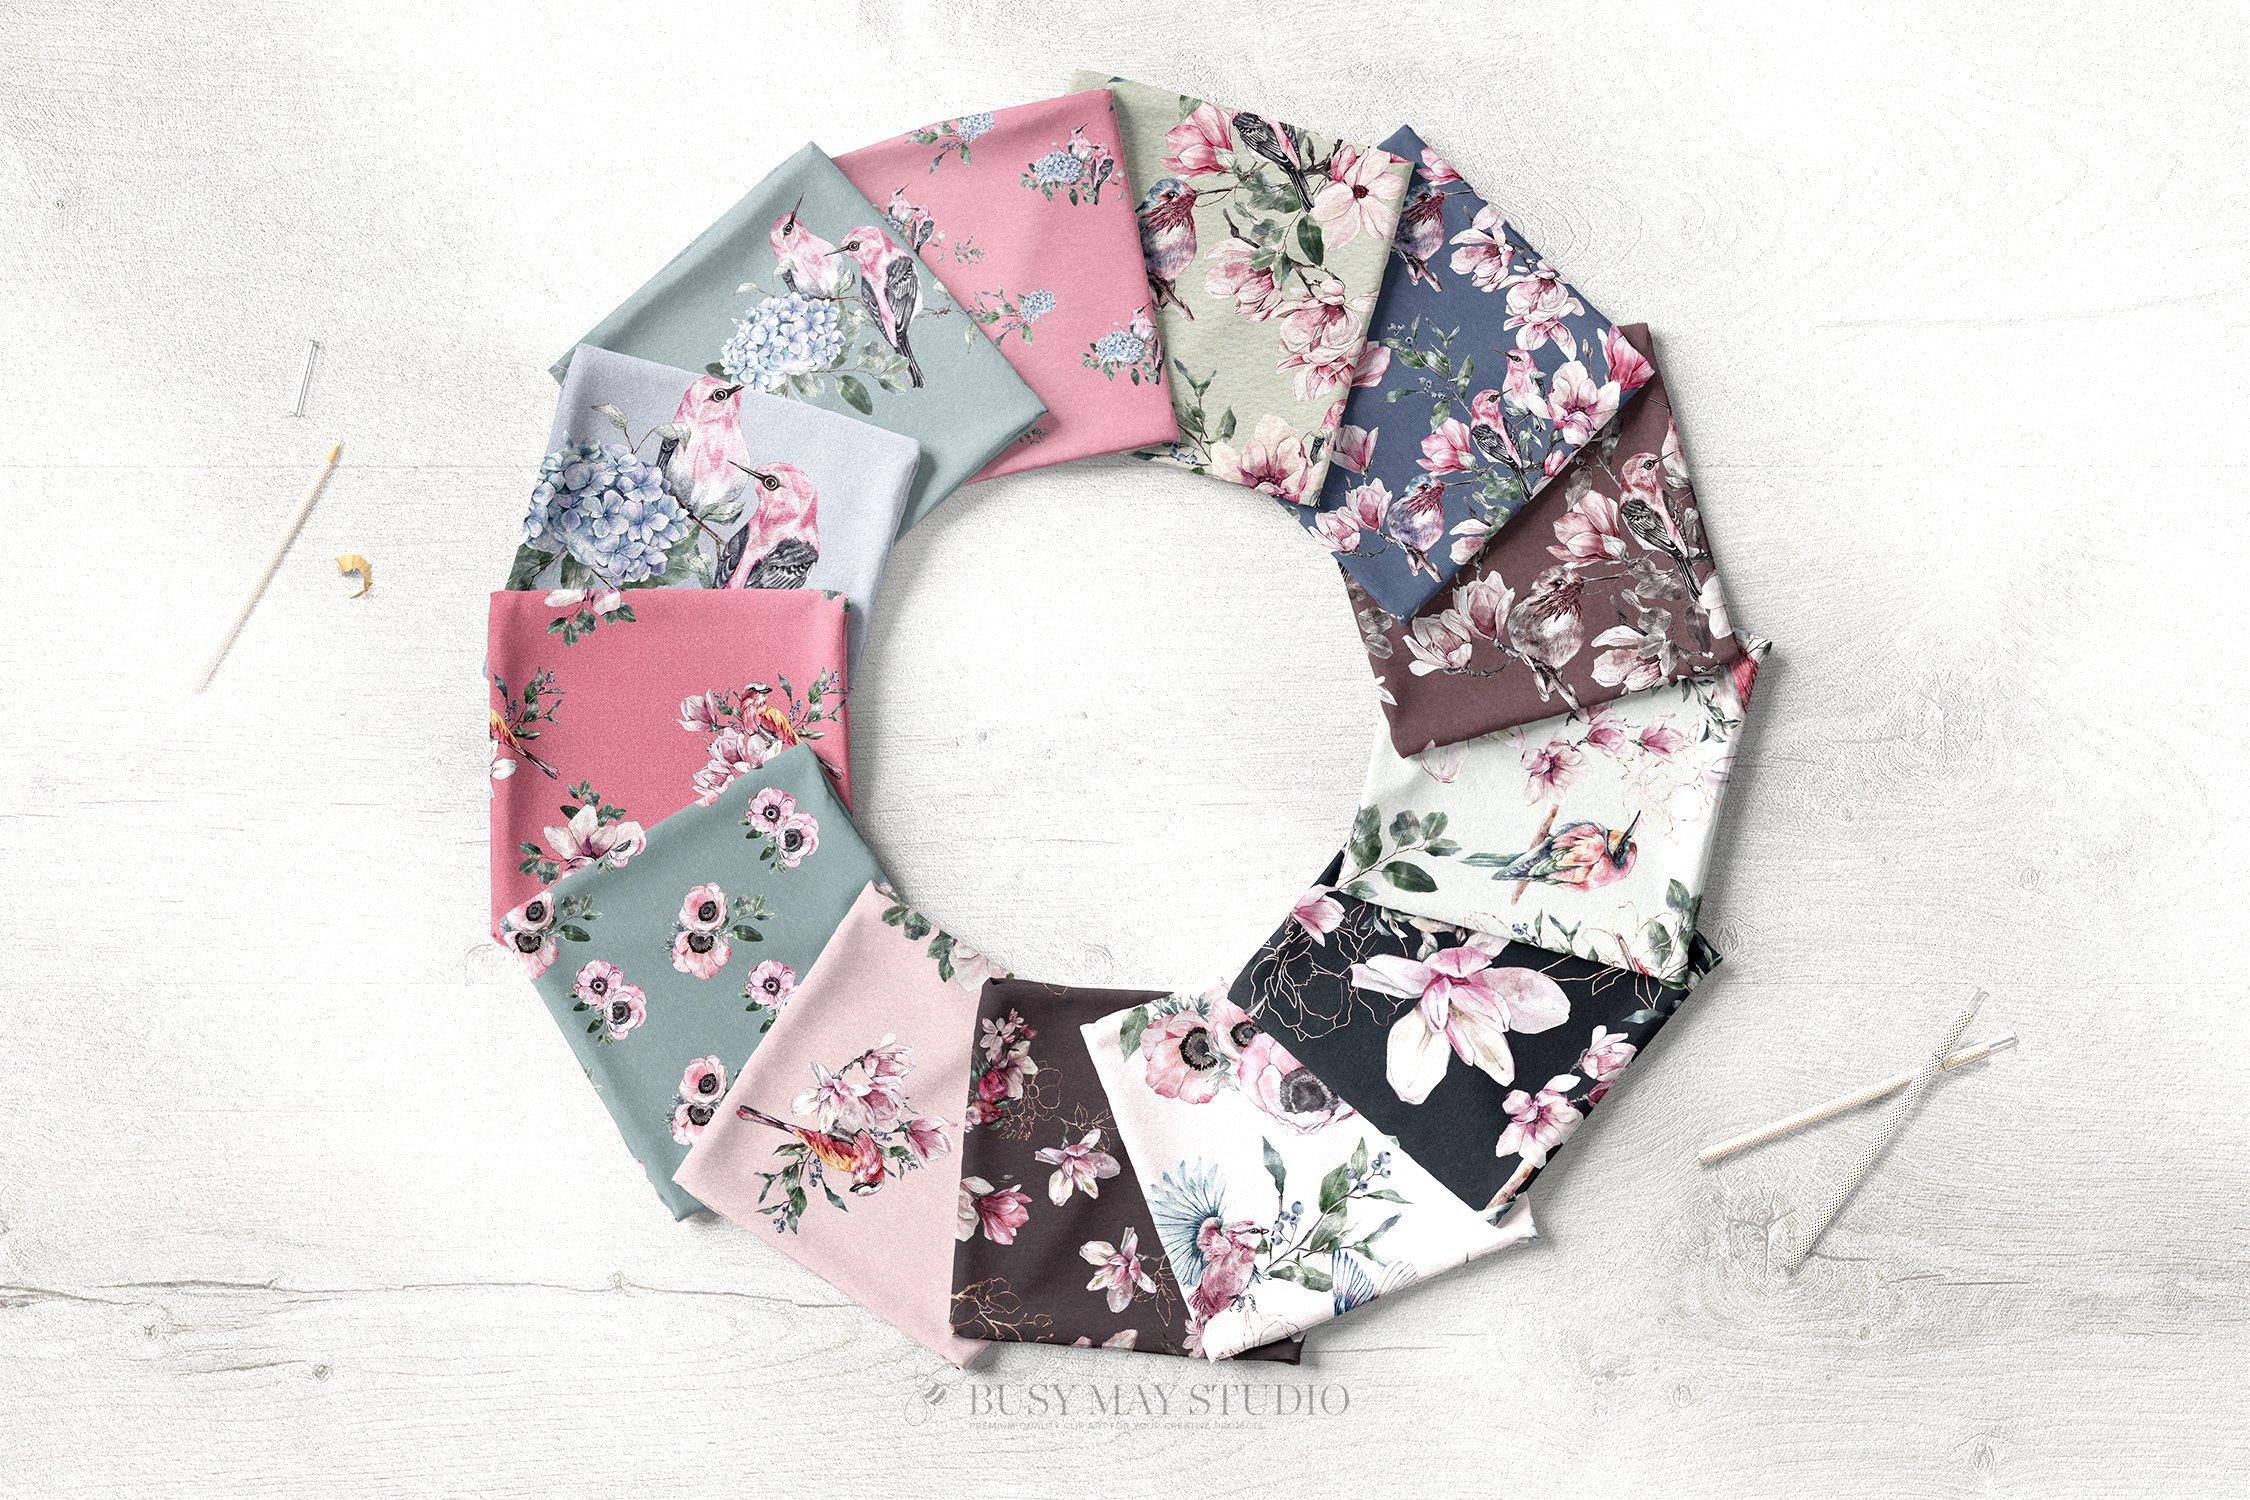 16款春天叶子花卉小鸟手绘水彩画图片设计素材 Spring Watercolor Seamless Patterns插图5